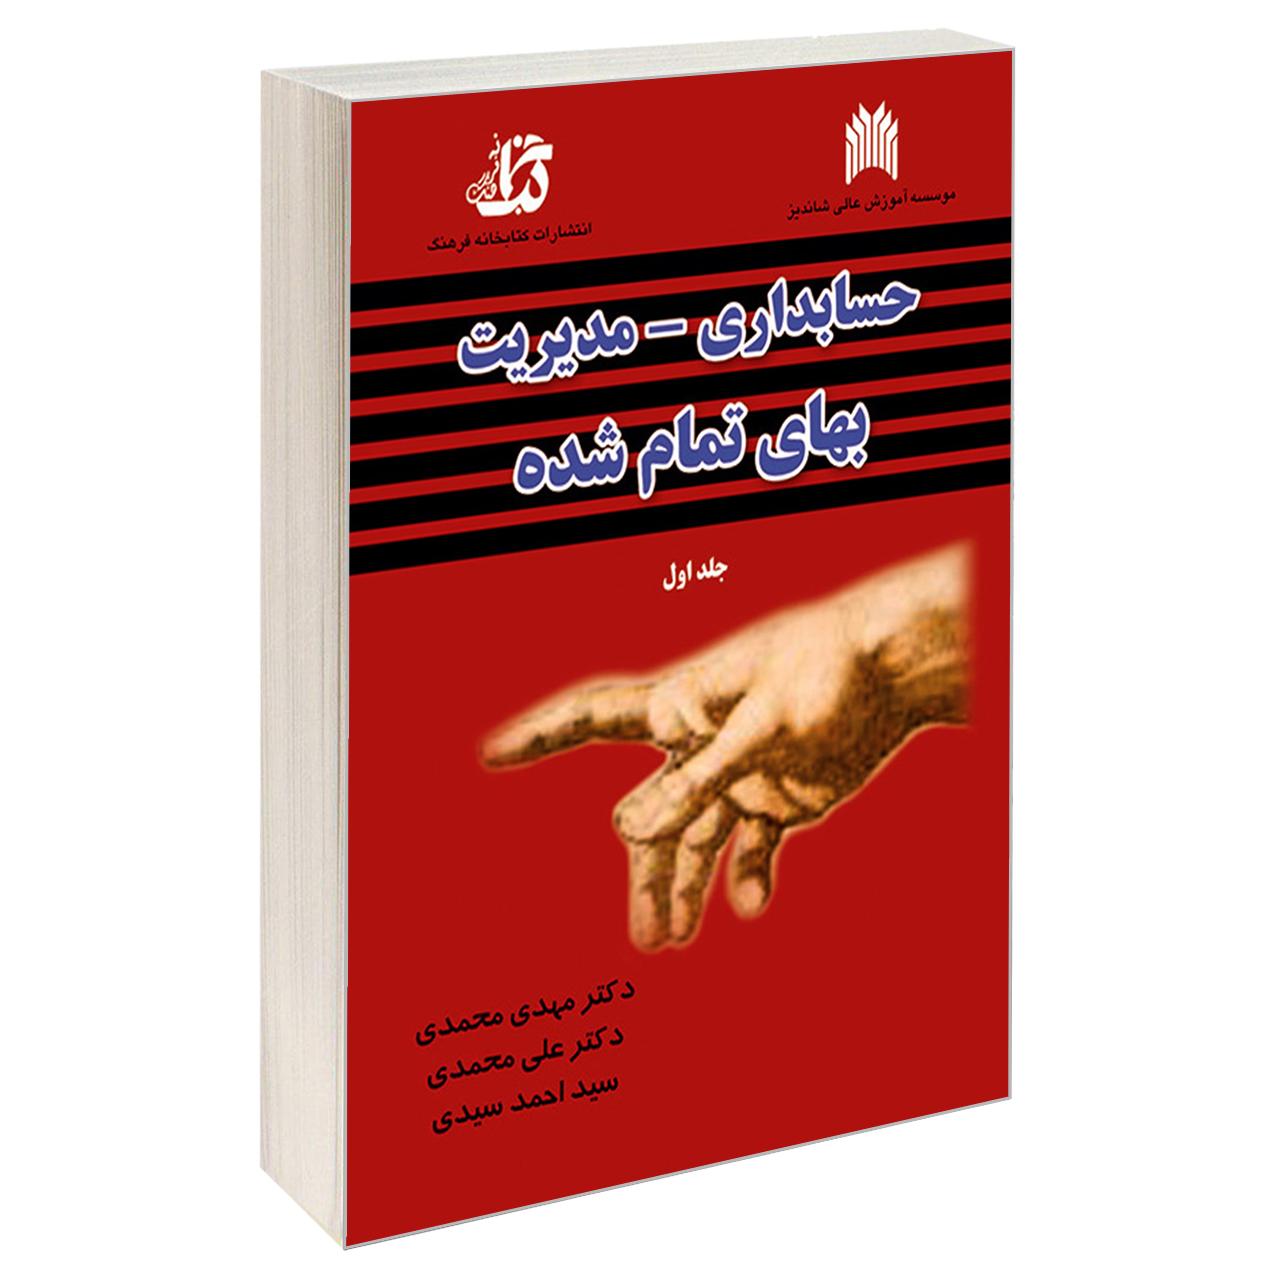 خرید                      کتاب حسابداری – مدیریت بهای تمام شده اثر جمعی از نویسندگان انتشارات کتابخانه فرهنگ جلد 1